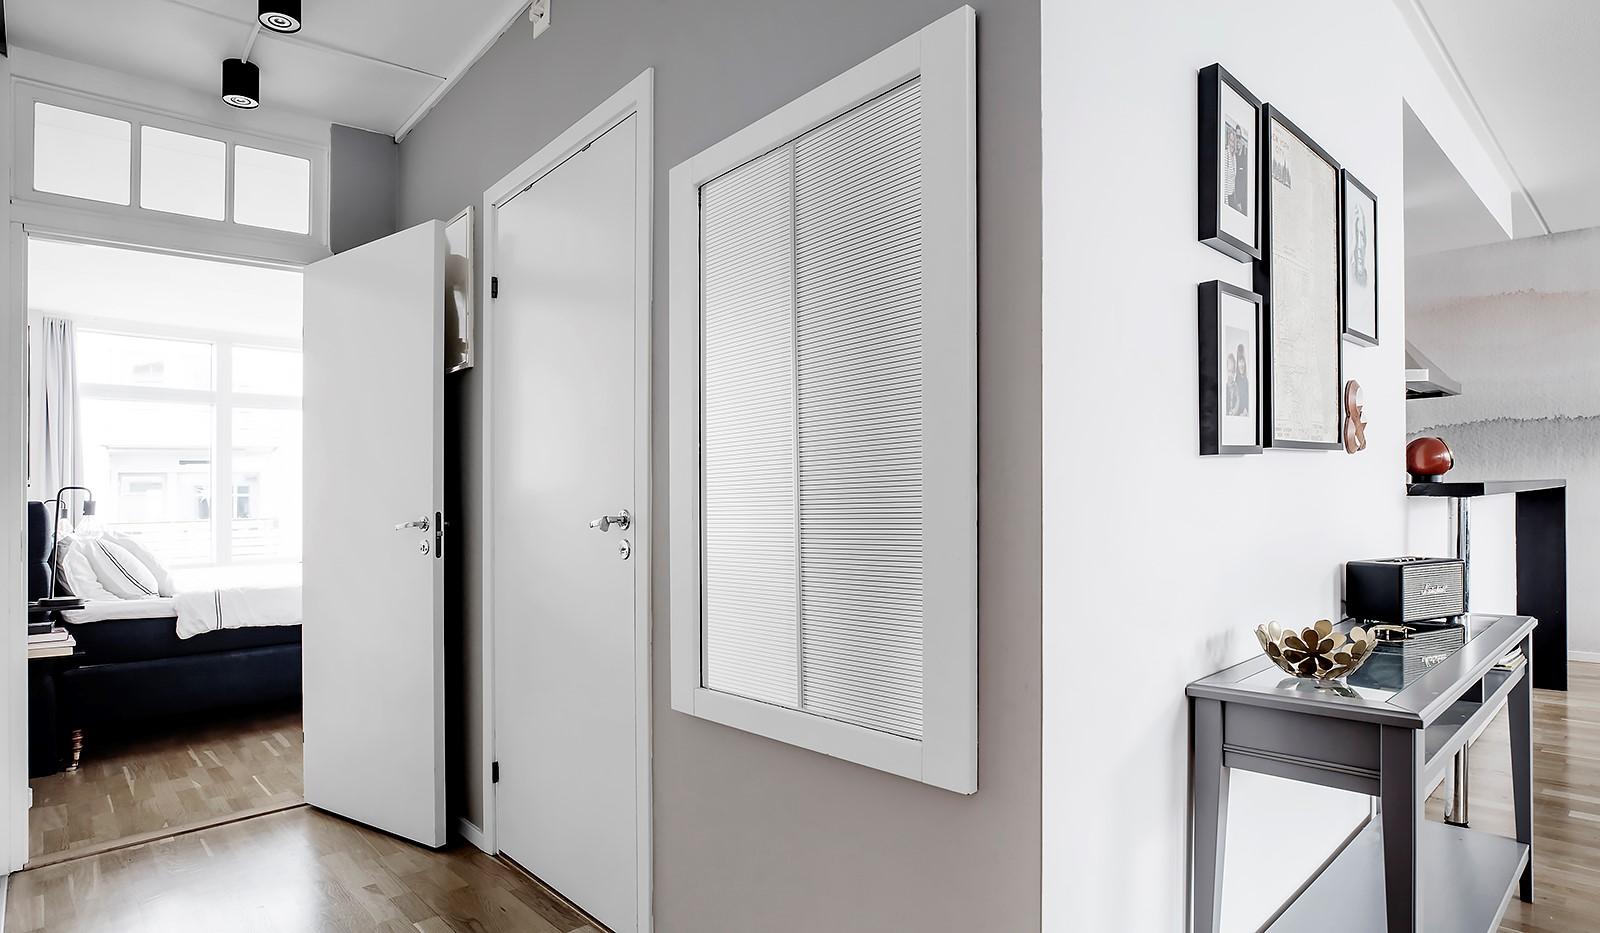 Sickla kanalgata 67, 3 tr - Välkomnande hall som öppnar upp lägenheten på ett trevligt sätt